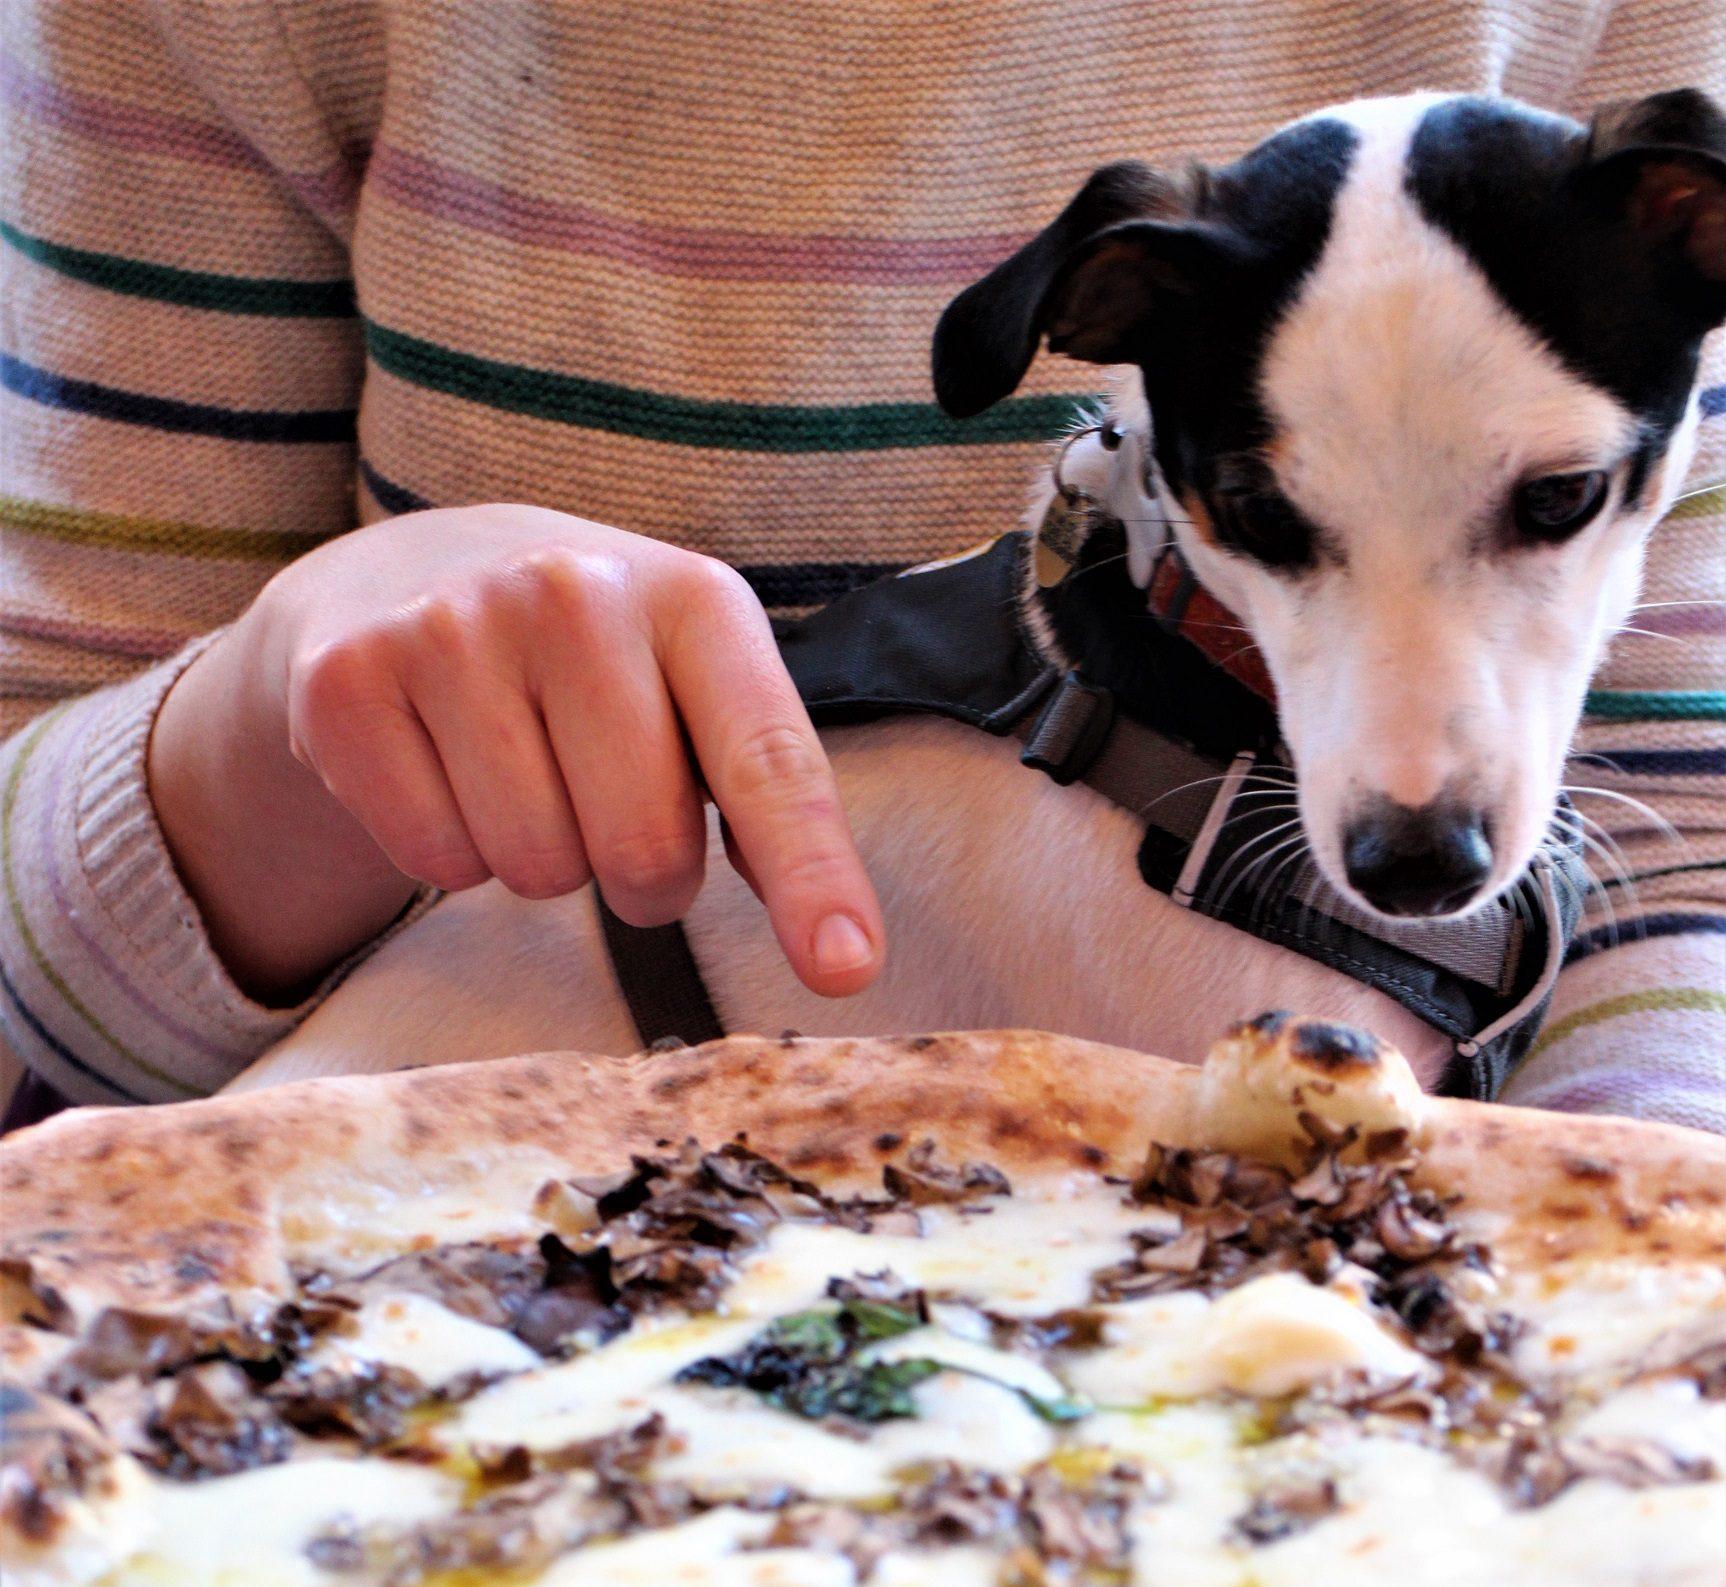 Dog staring at a pizza